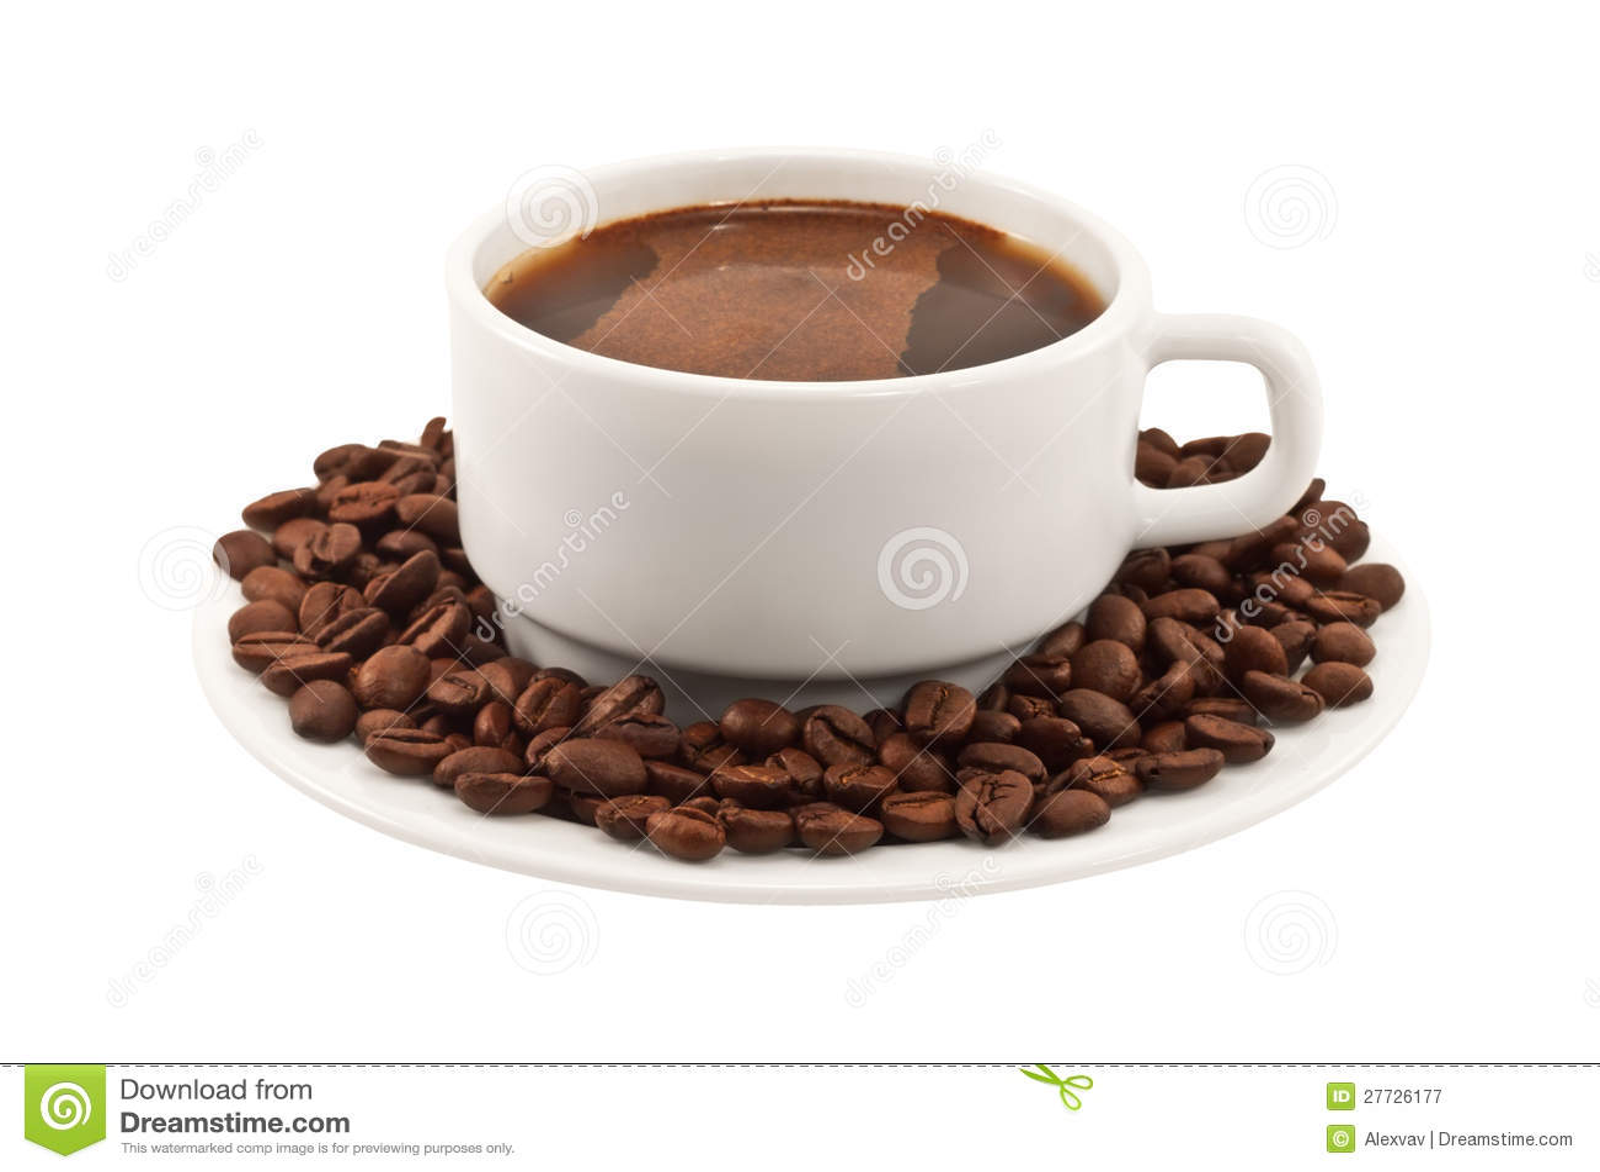 Weißer Tasse Kaffee mit Bohnen auf einer Platte